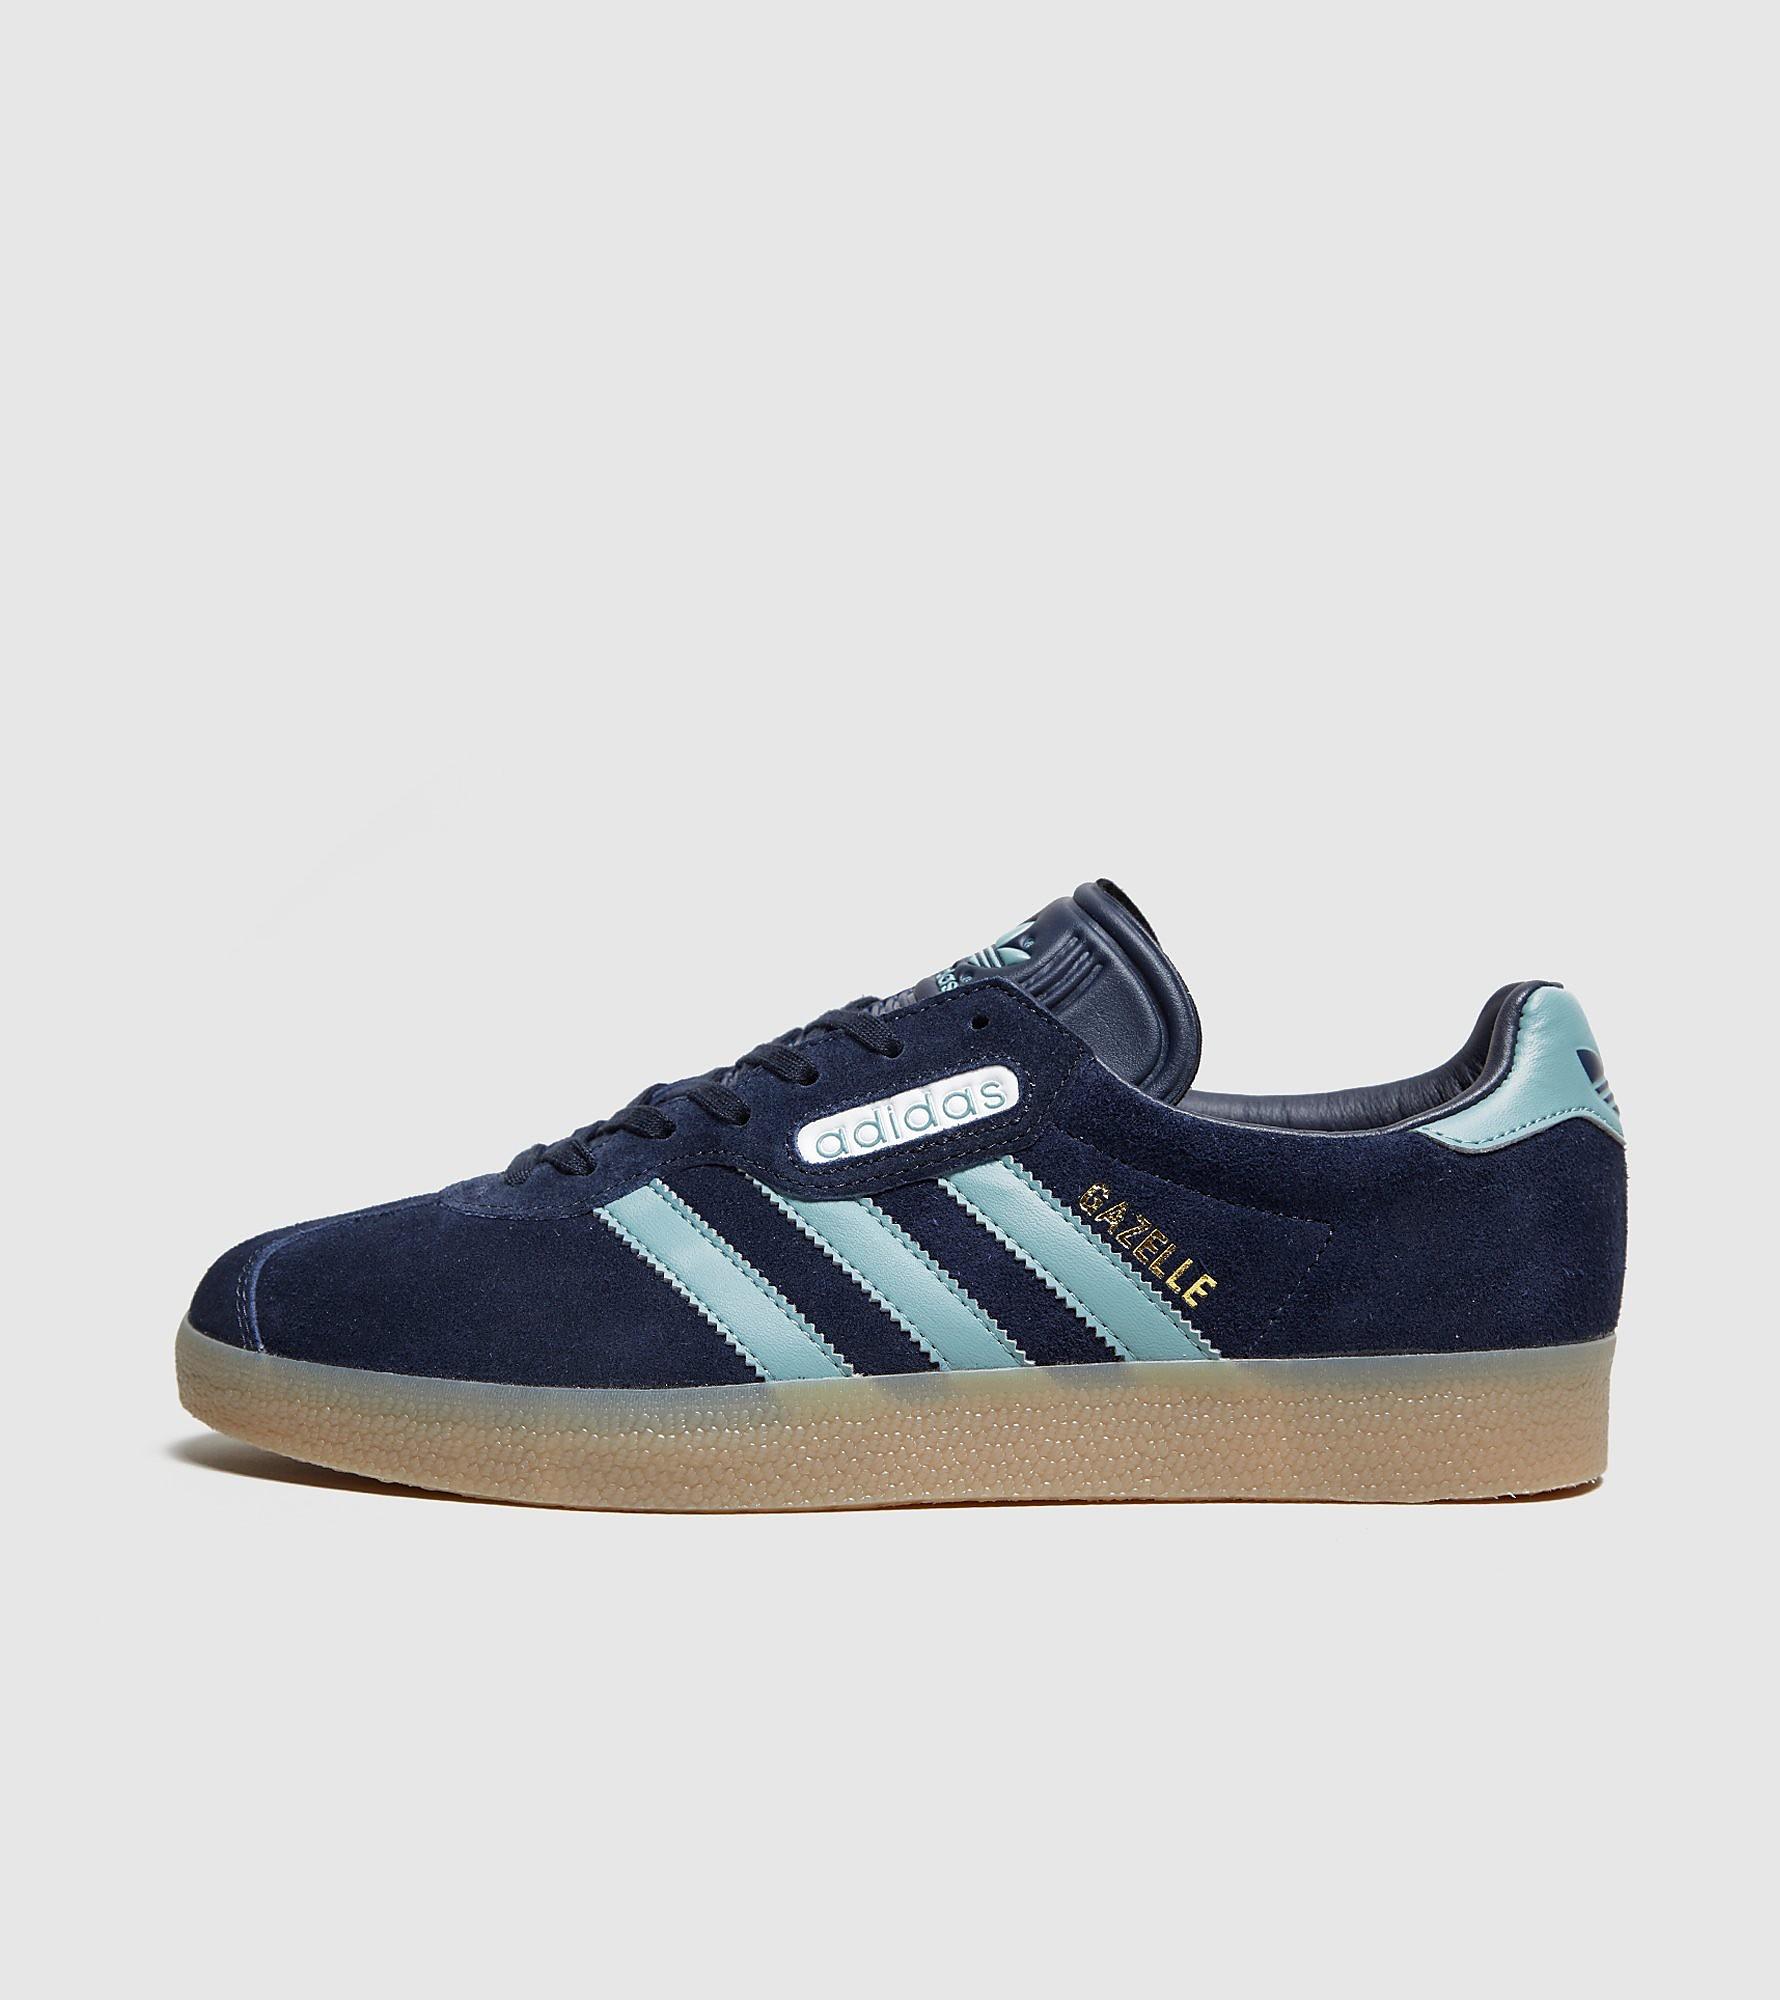 adidas Originals Gazelle Super, Blue